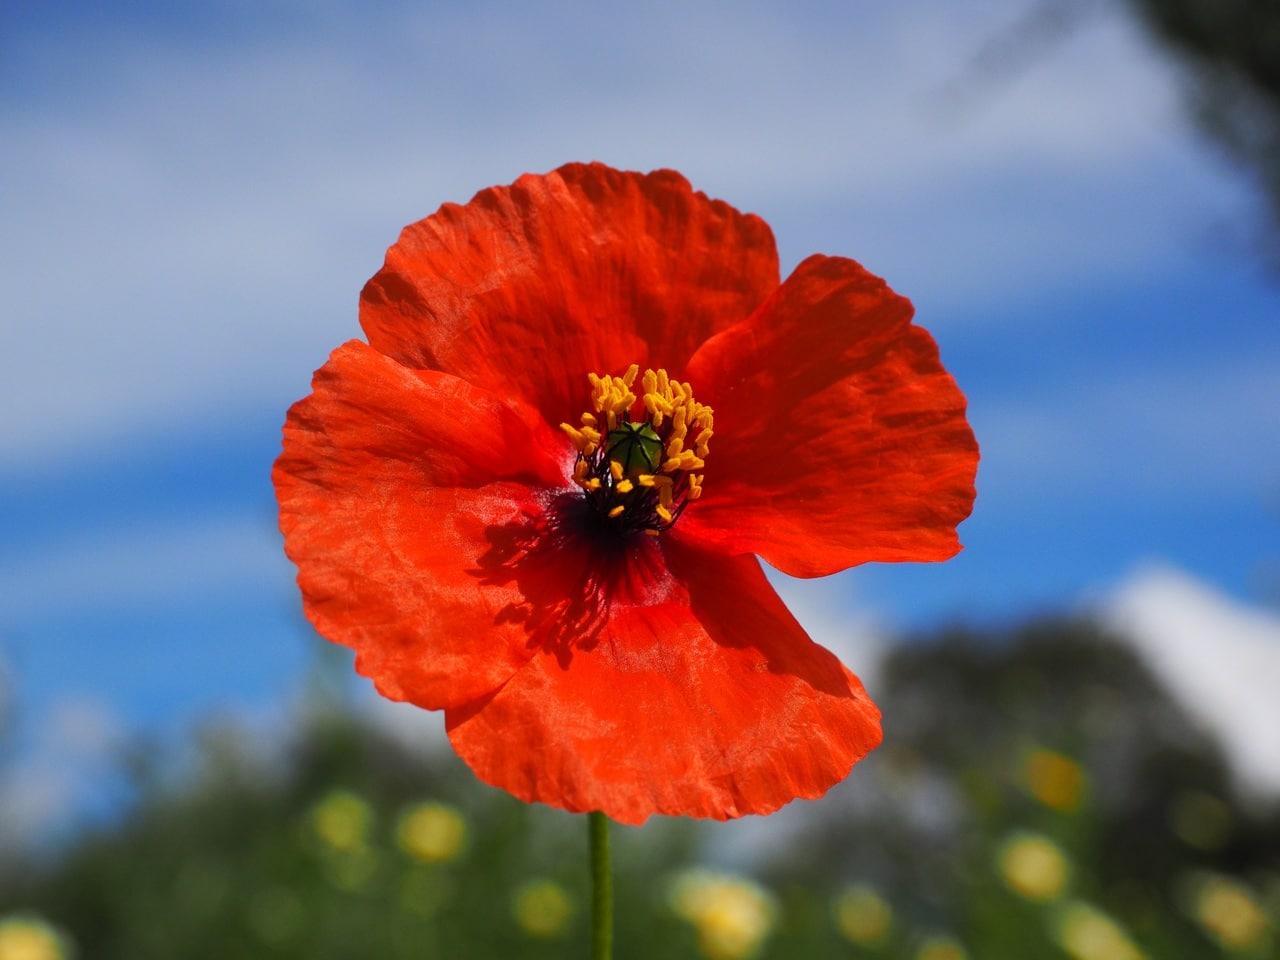 La amapola roja es una hierba